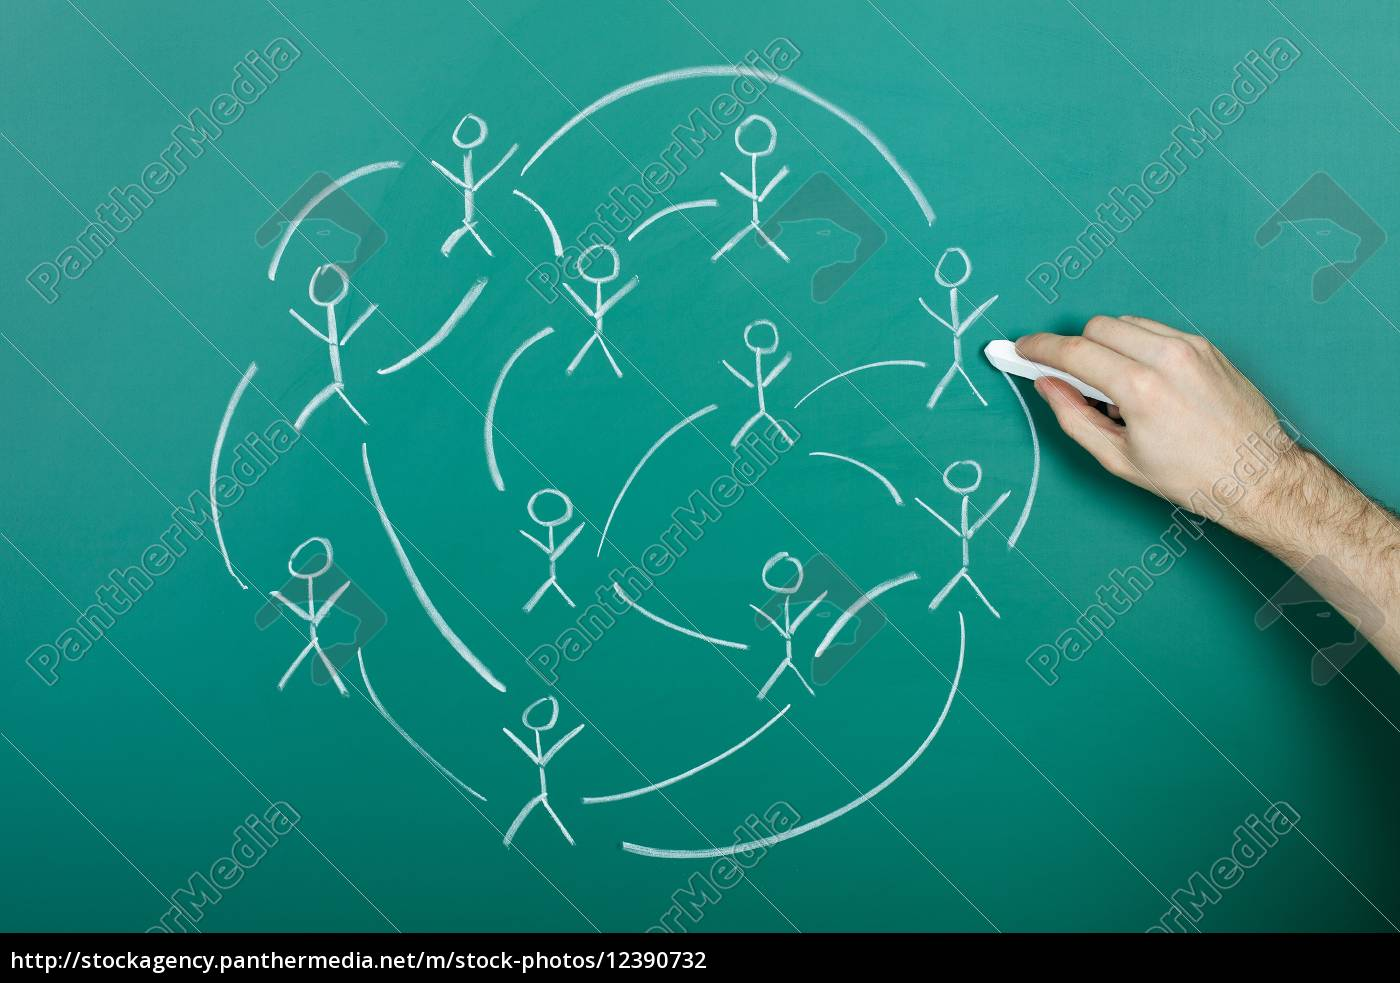 zeichnen, des, sozialen, netzwerks - 12390732